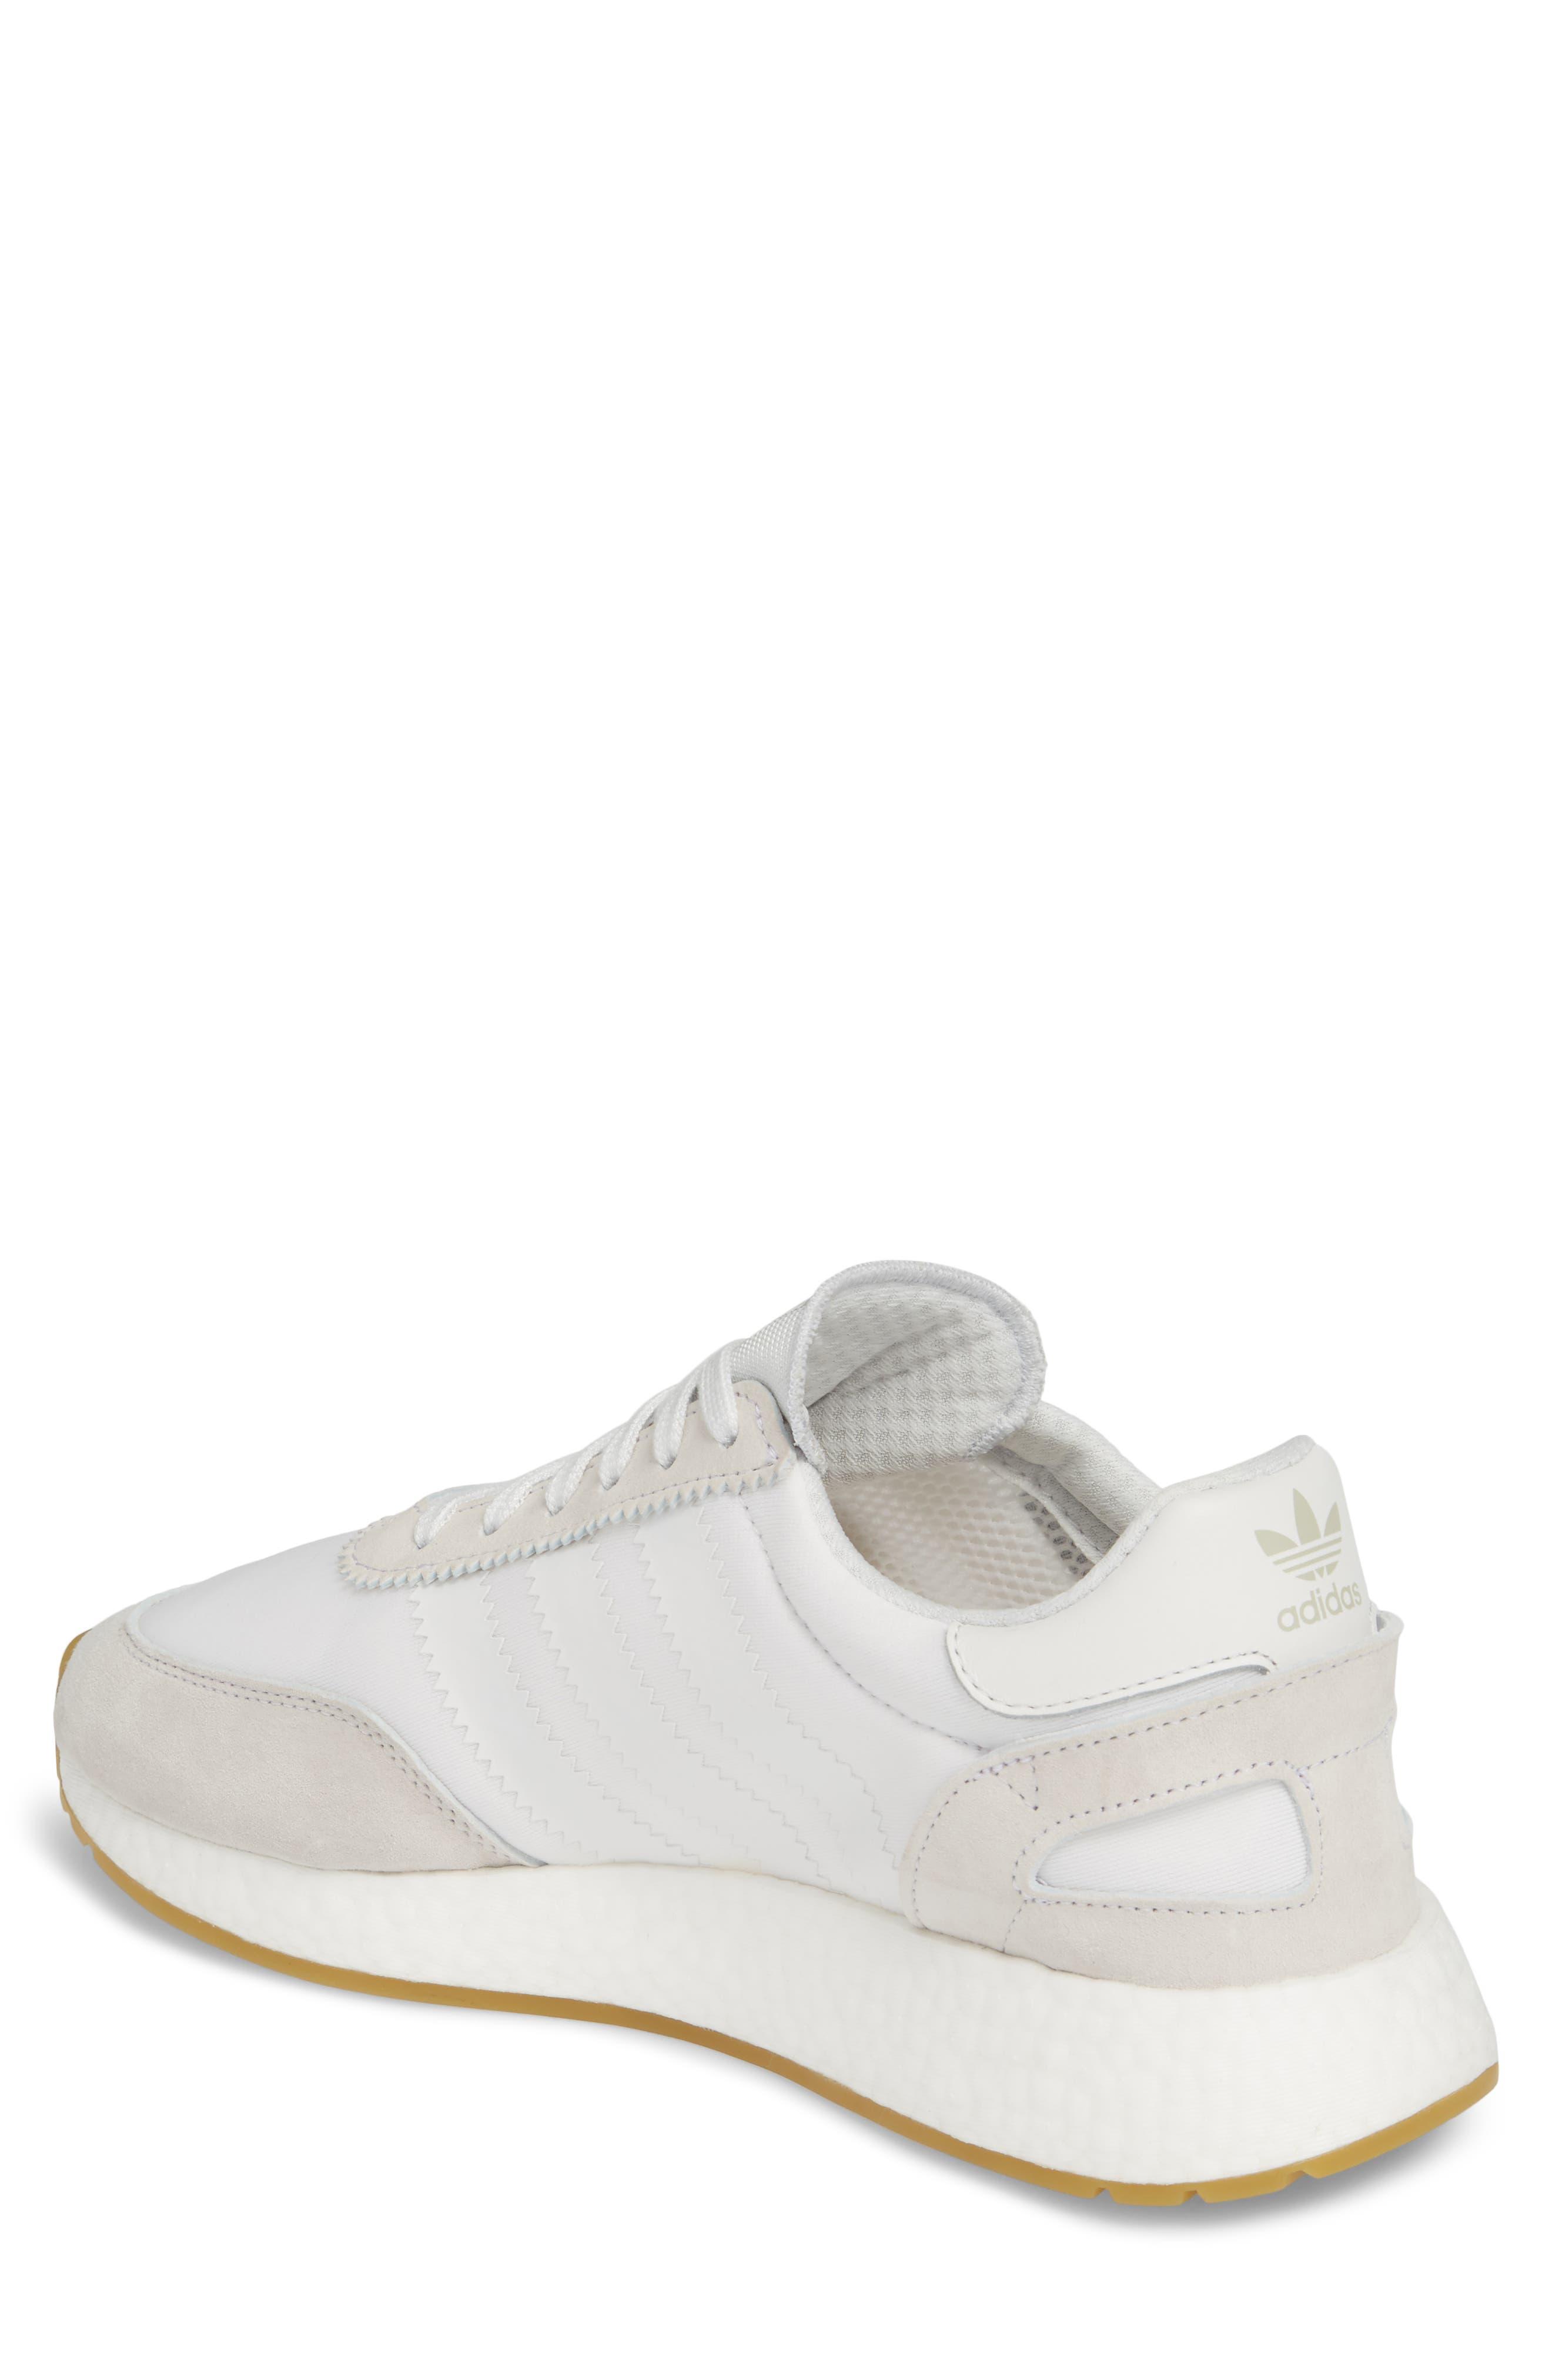 I-5923 Sneaker,                             Alternate thumbnail 2, color,                             Crystal White/ White